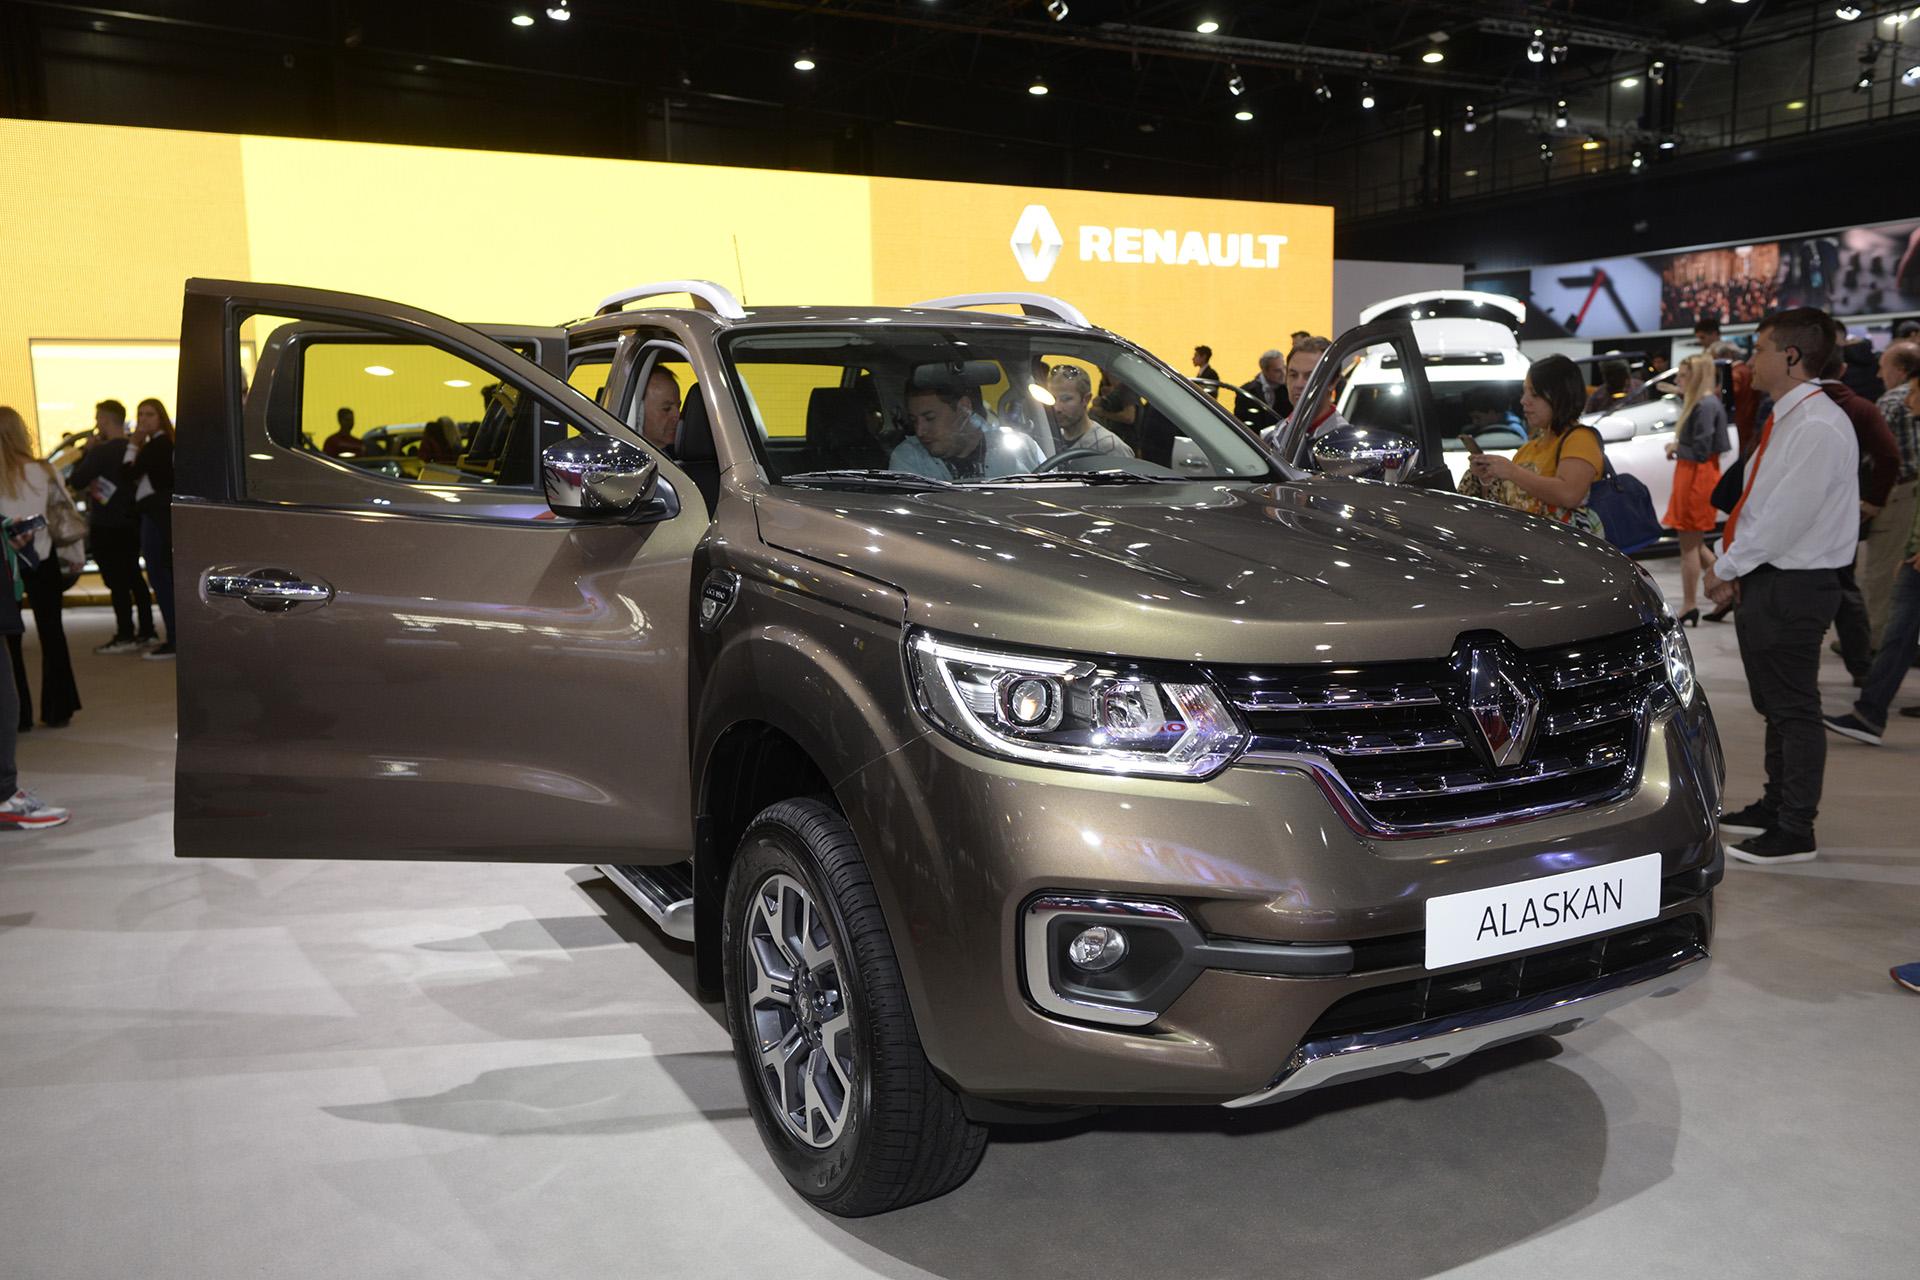 En fotos: la presencia de Renault en el Salón del Automóvil - Infobae